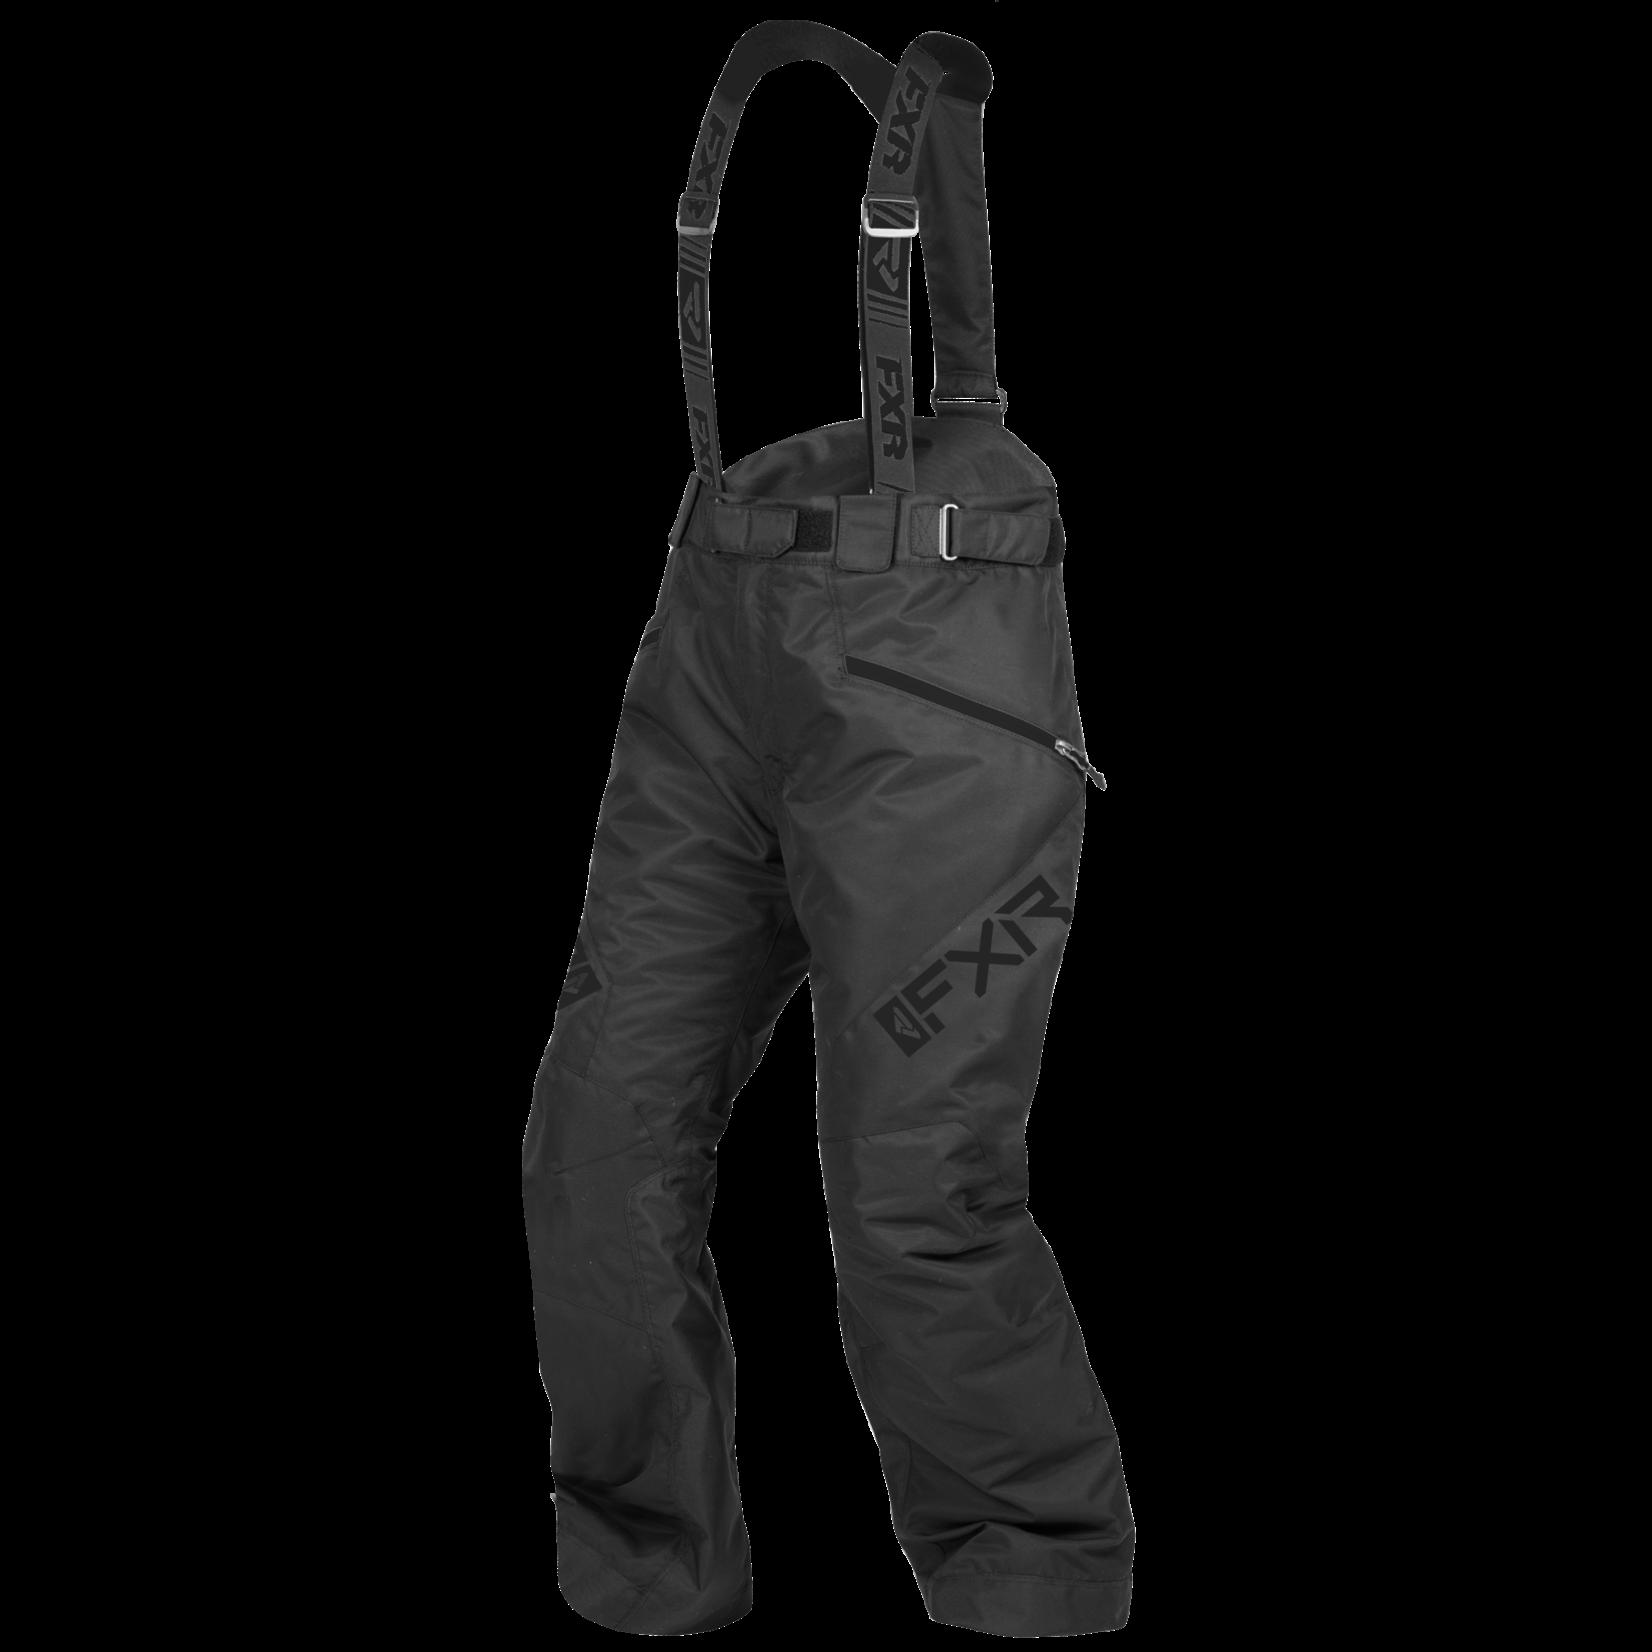 FXR FXR Women's Fresh Pant - Black Ops